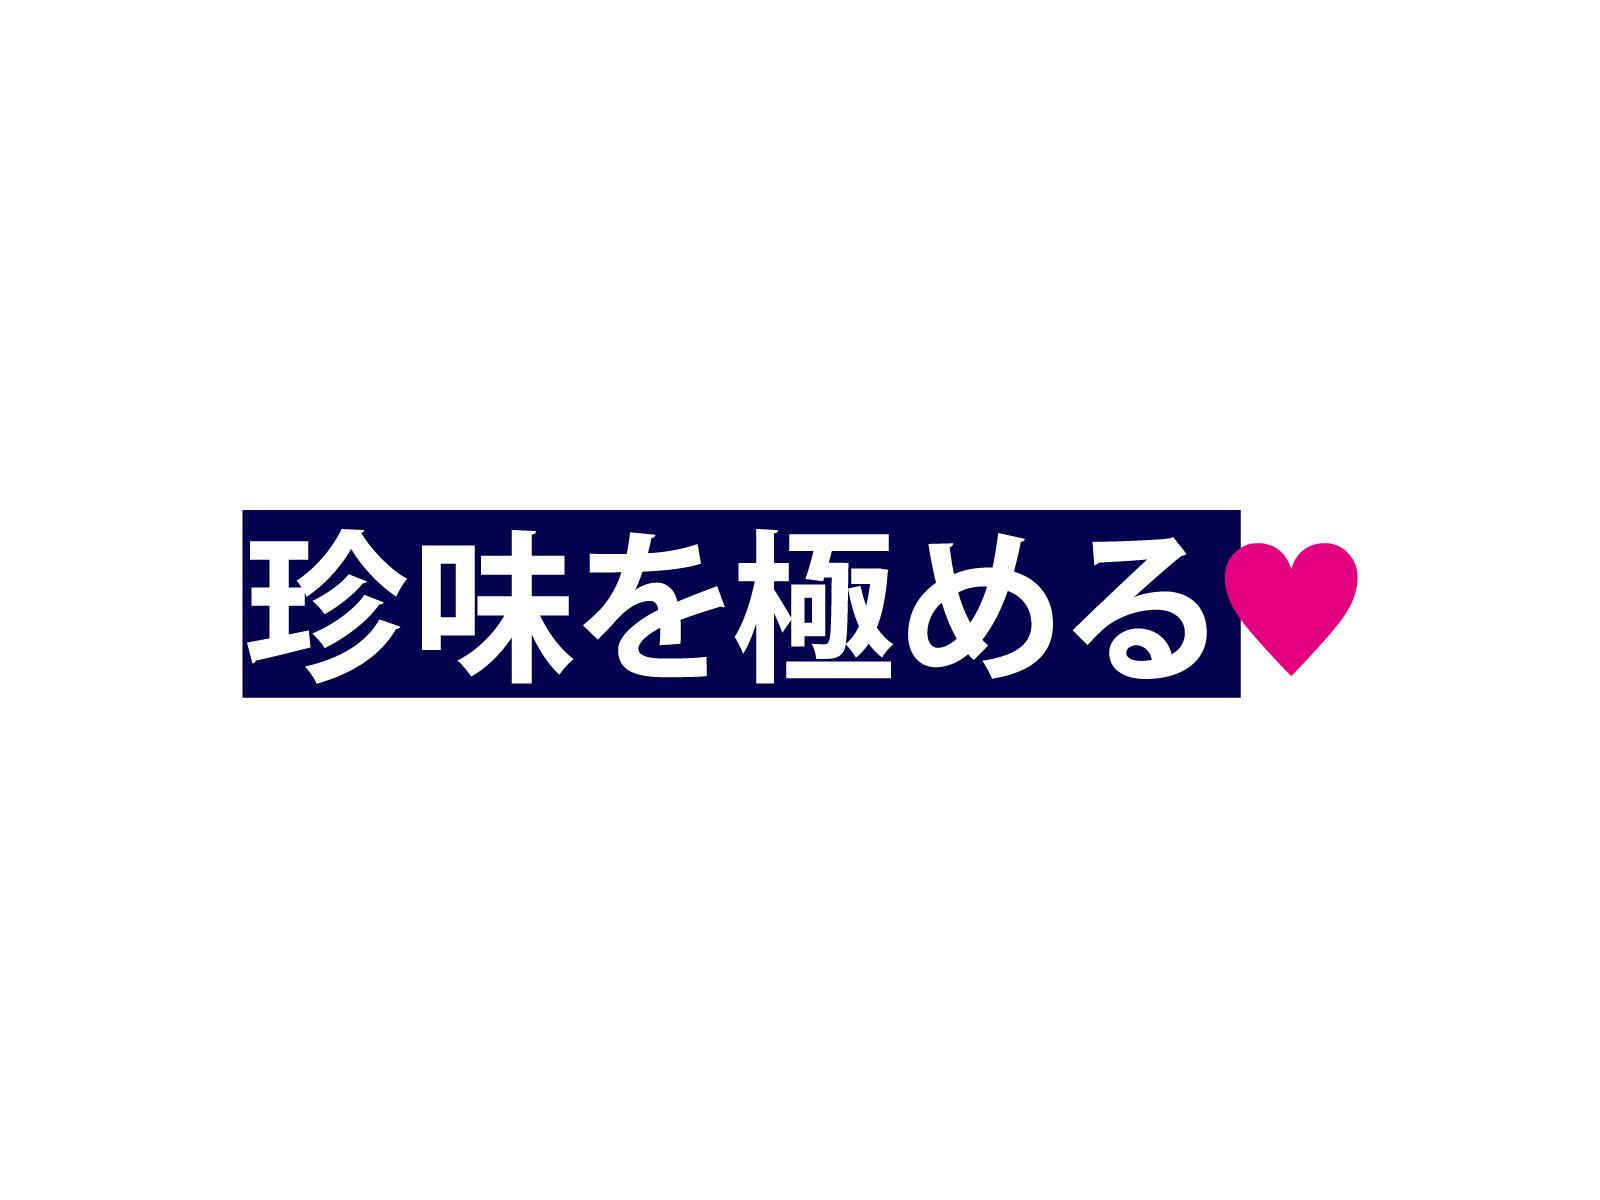 works_gogyofuku_logo_01